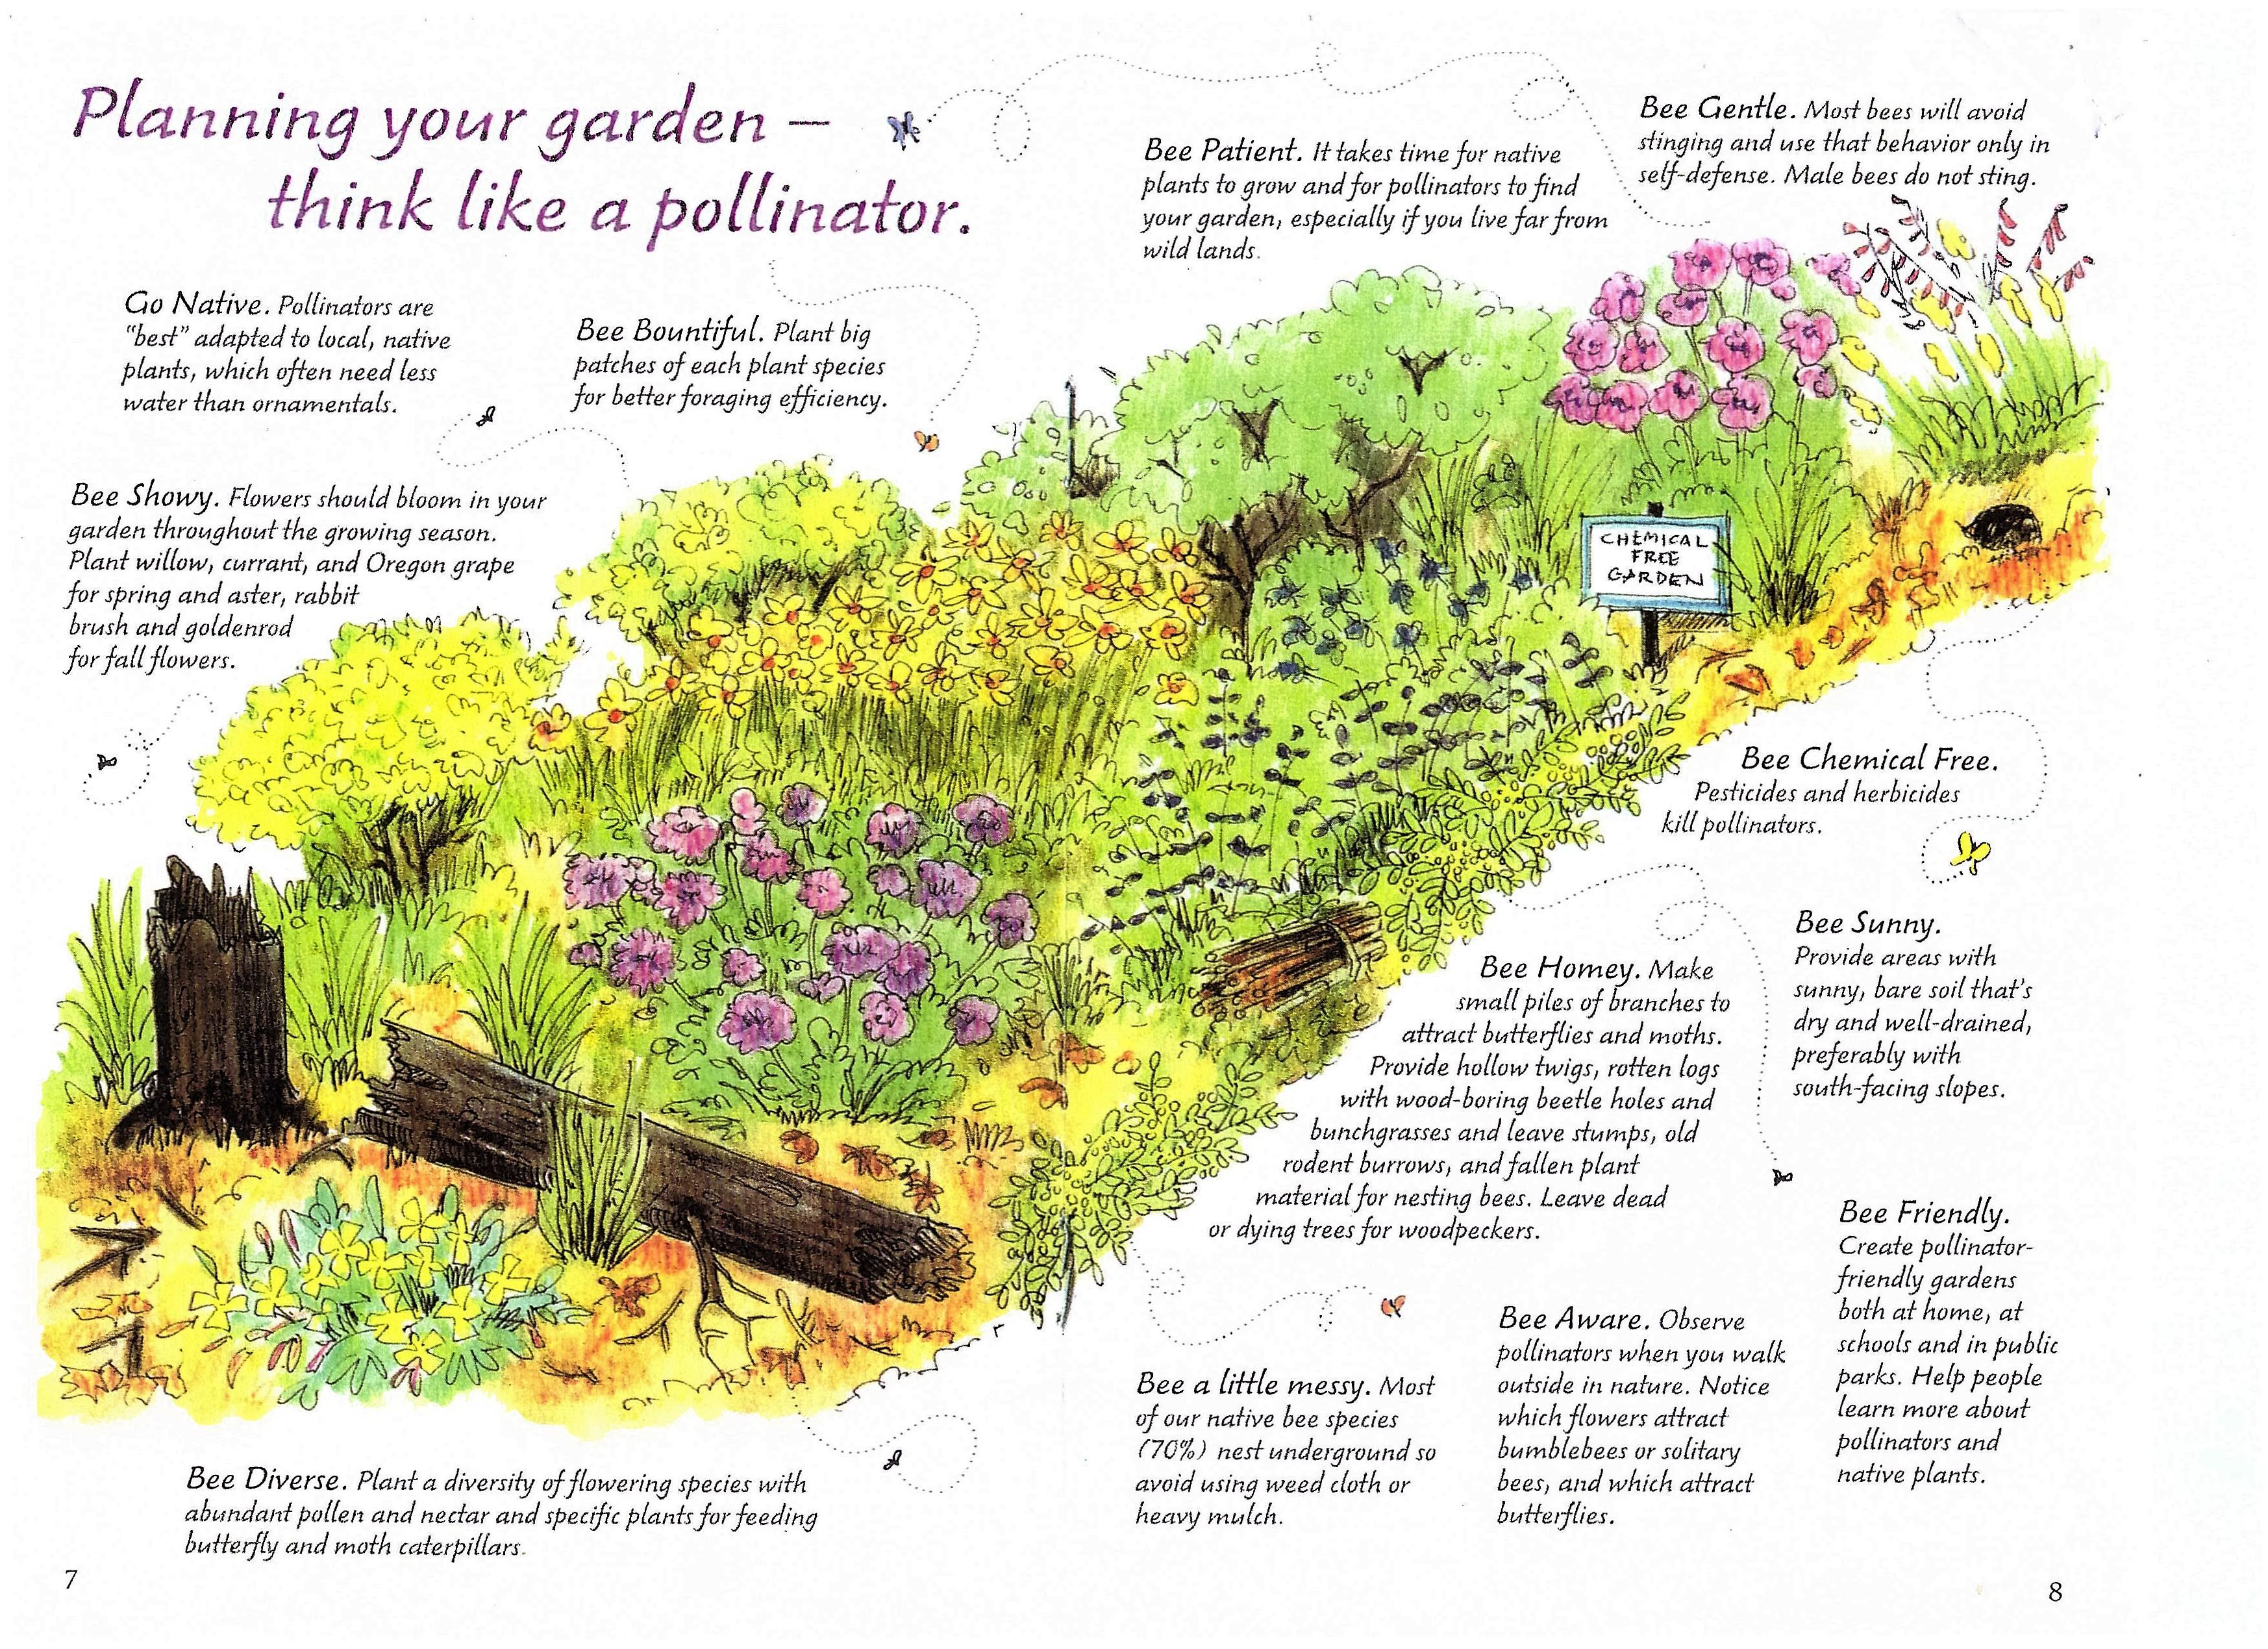 Planning your pollinator garden